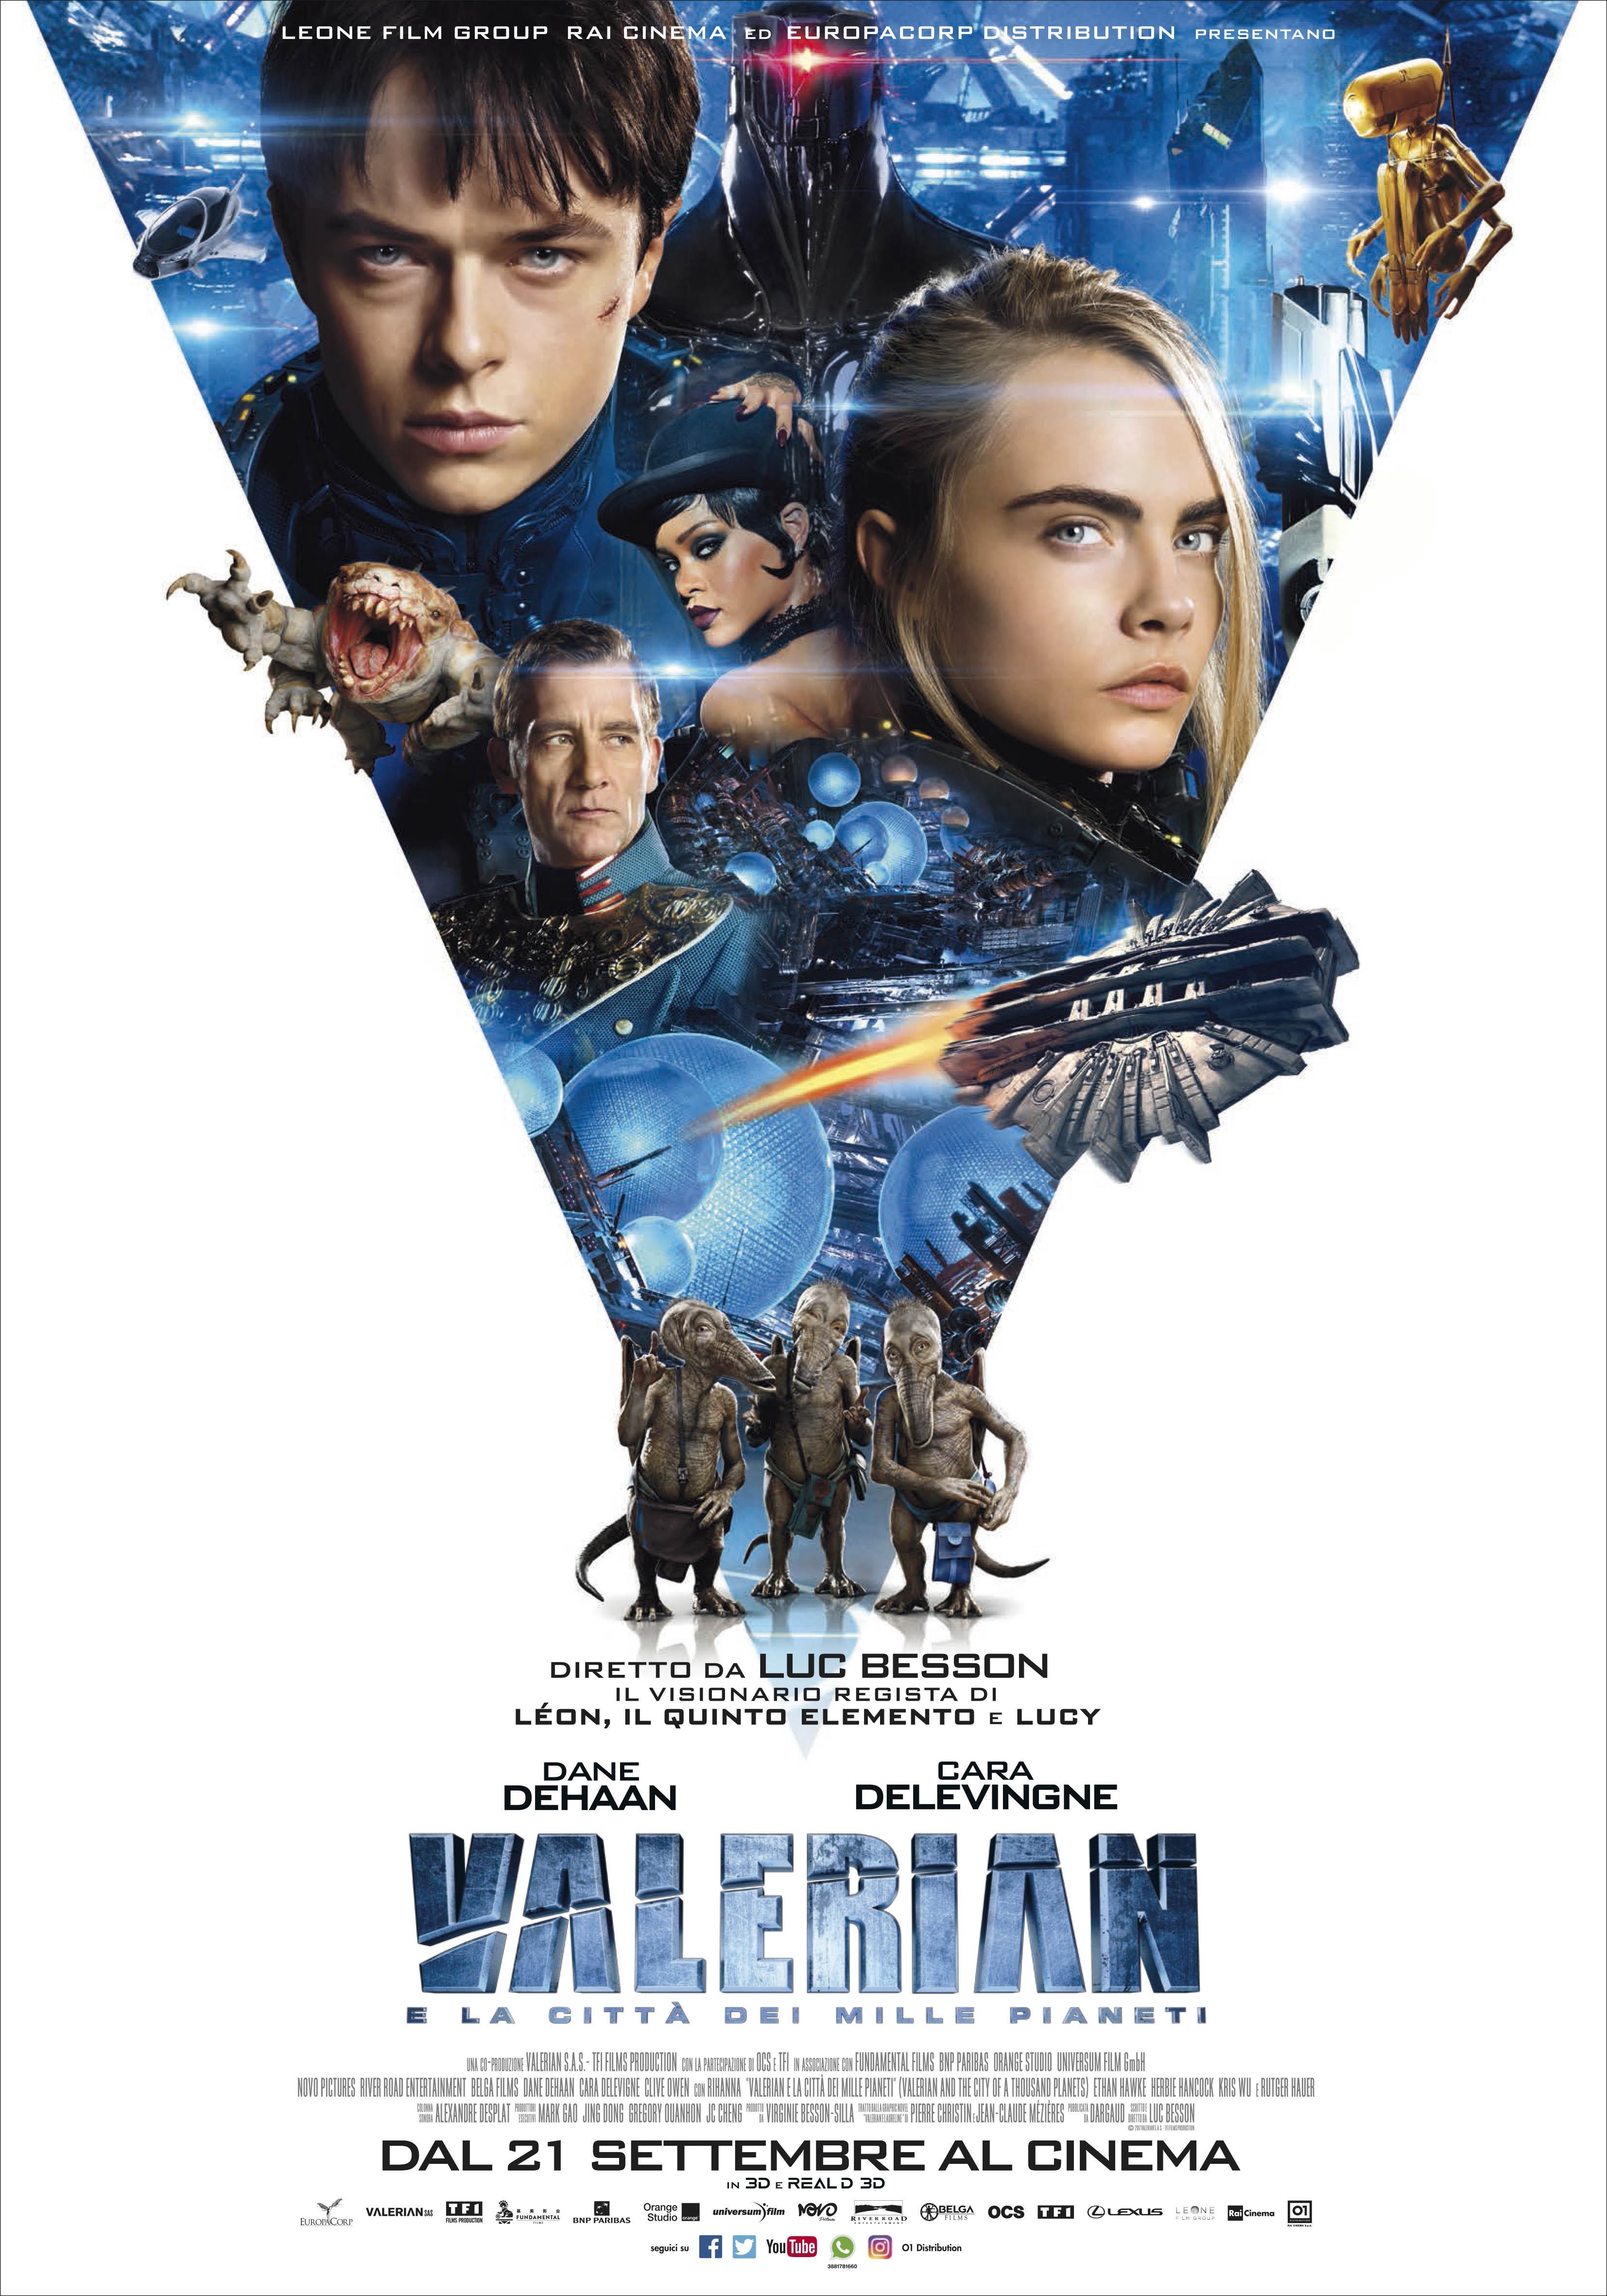 Valerian - E la città dei mille pianeti